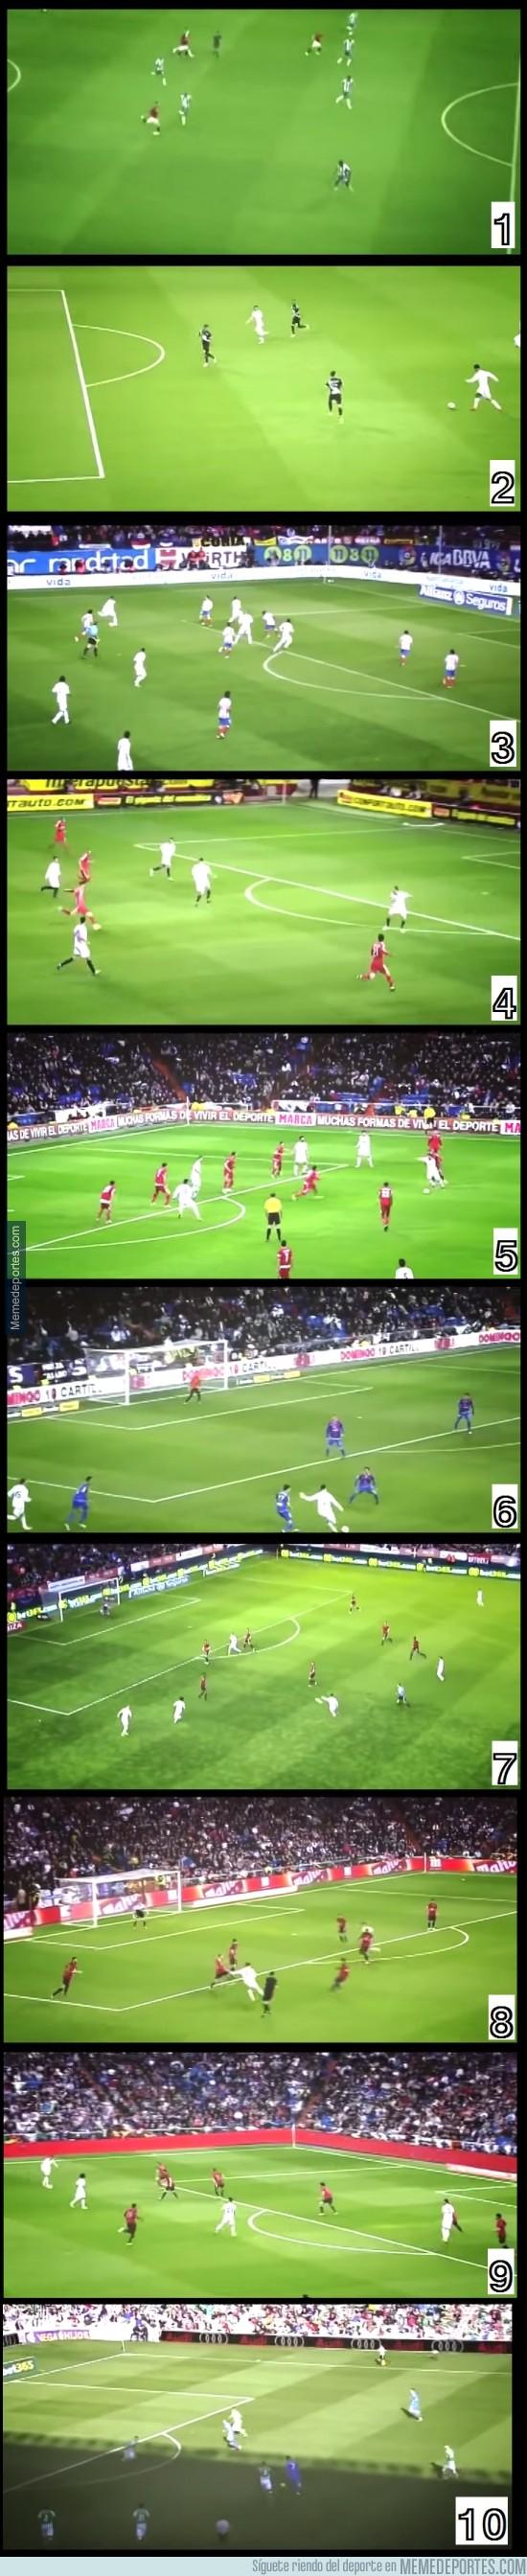 515622 - Un clásico de Cristiano: Sus 10 mejores goles desde larga distancia